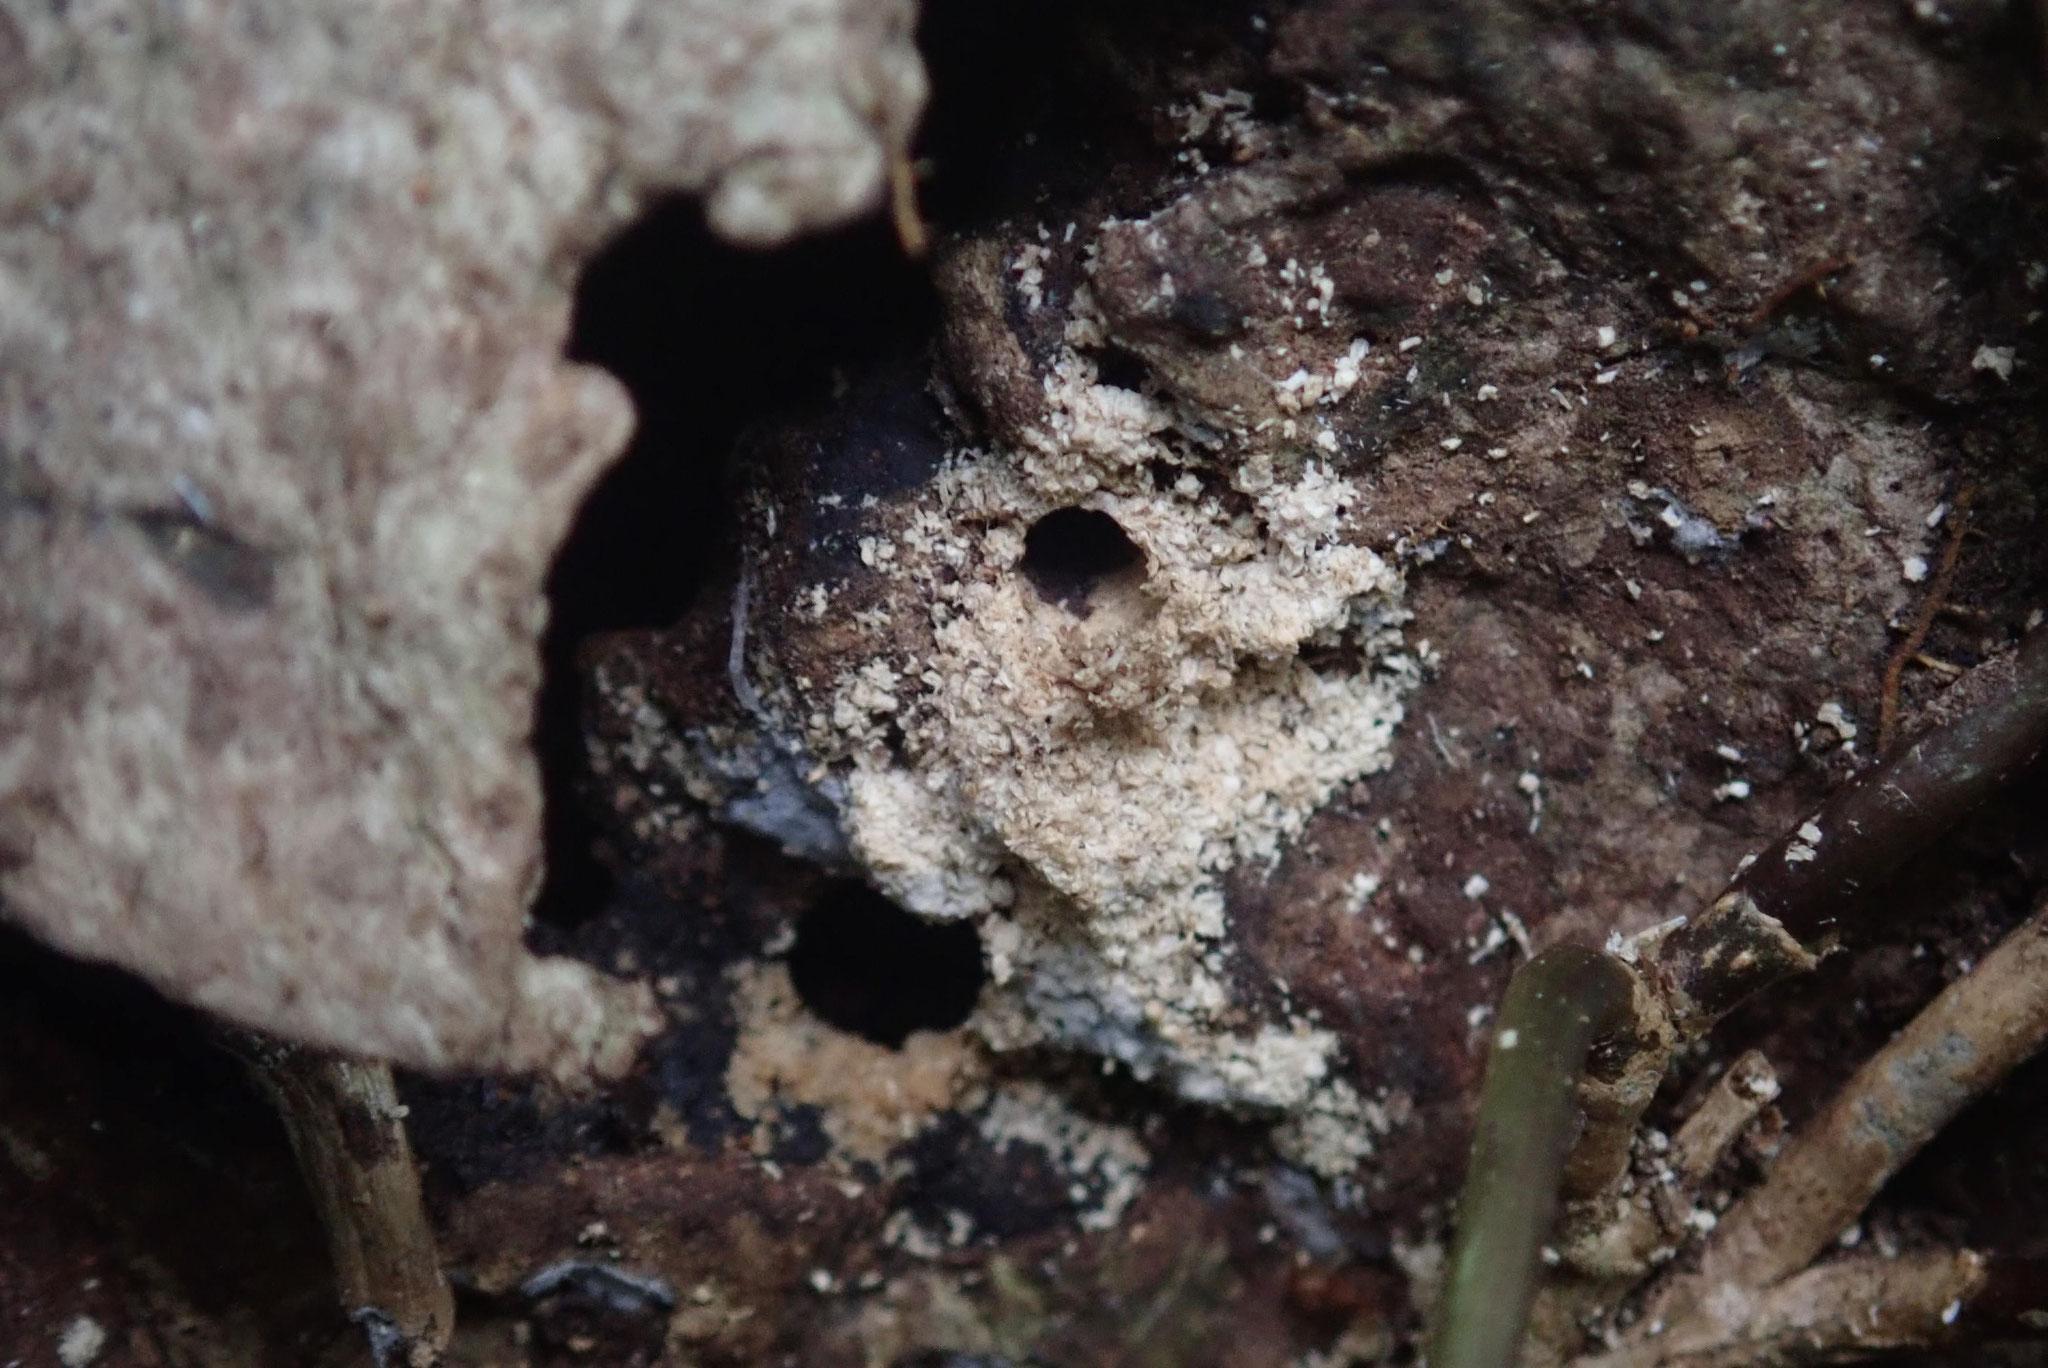 カシノナガキクイムシの仲間の被害を受けているコナラ